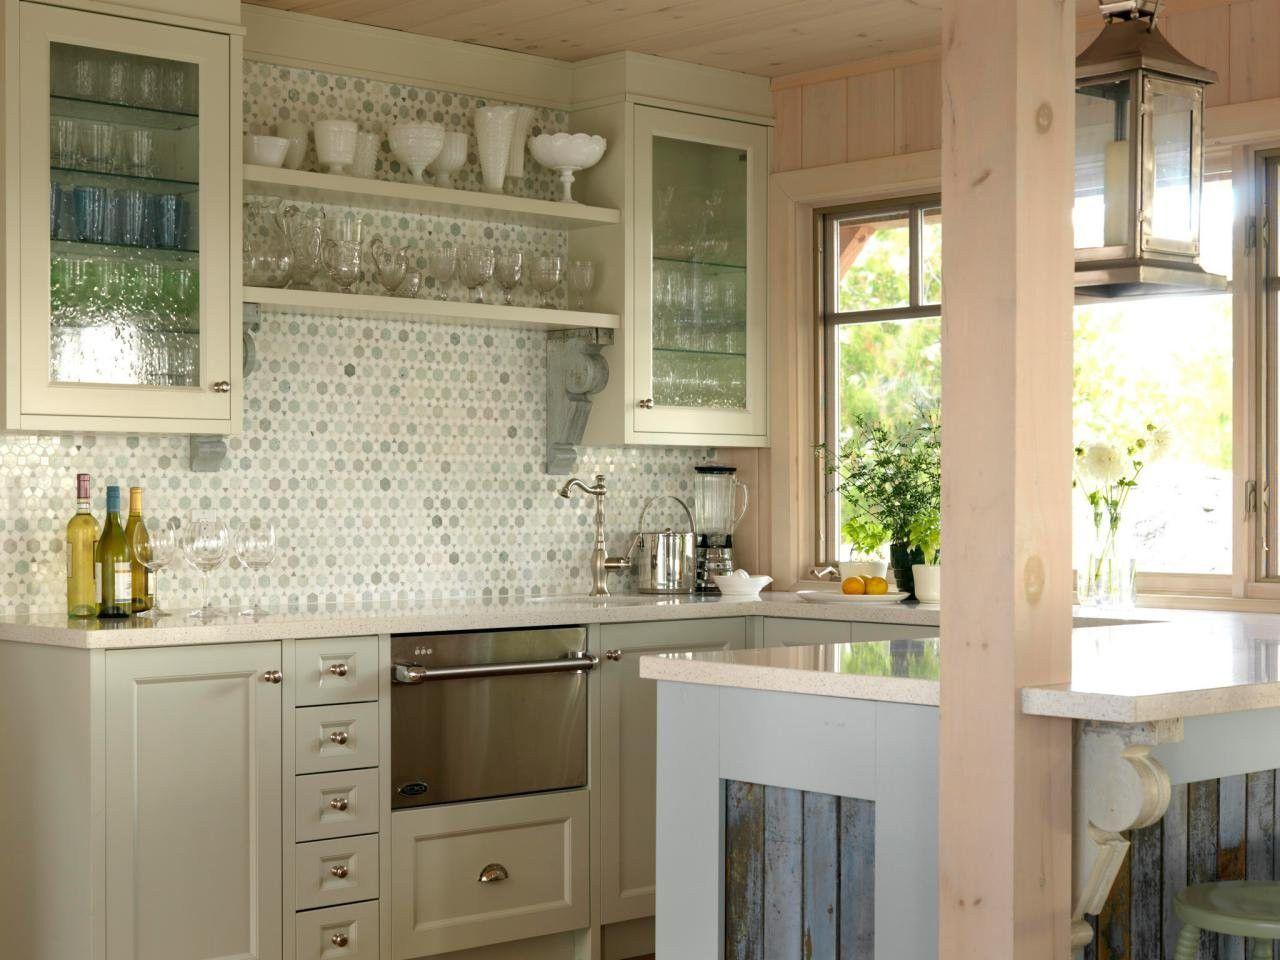 2018 Installing Glass In Kitchen Cabinet Doors - Kitchen ...